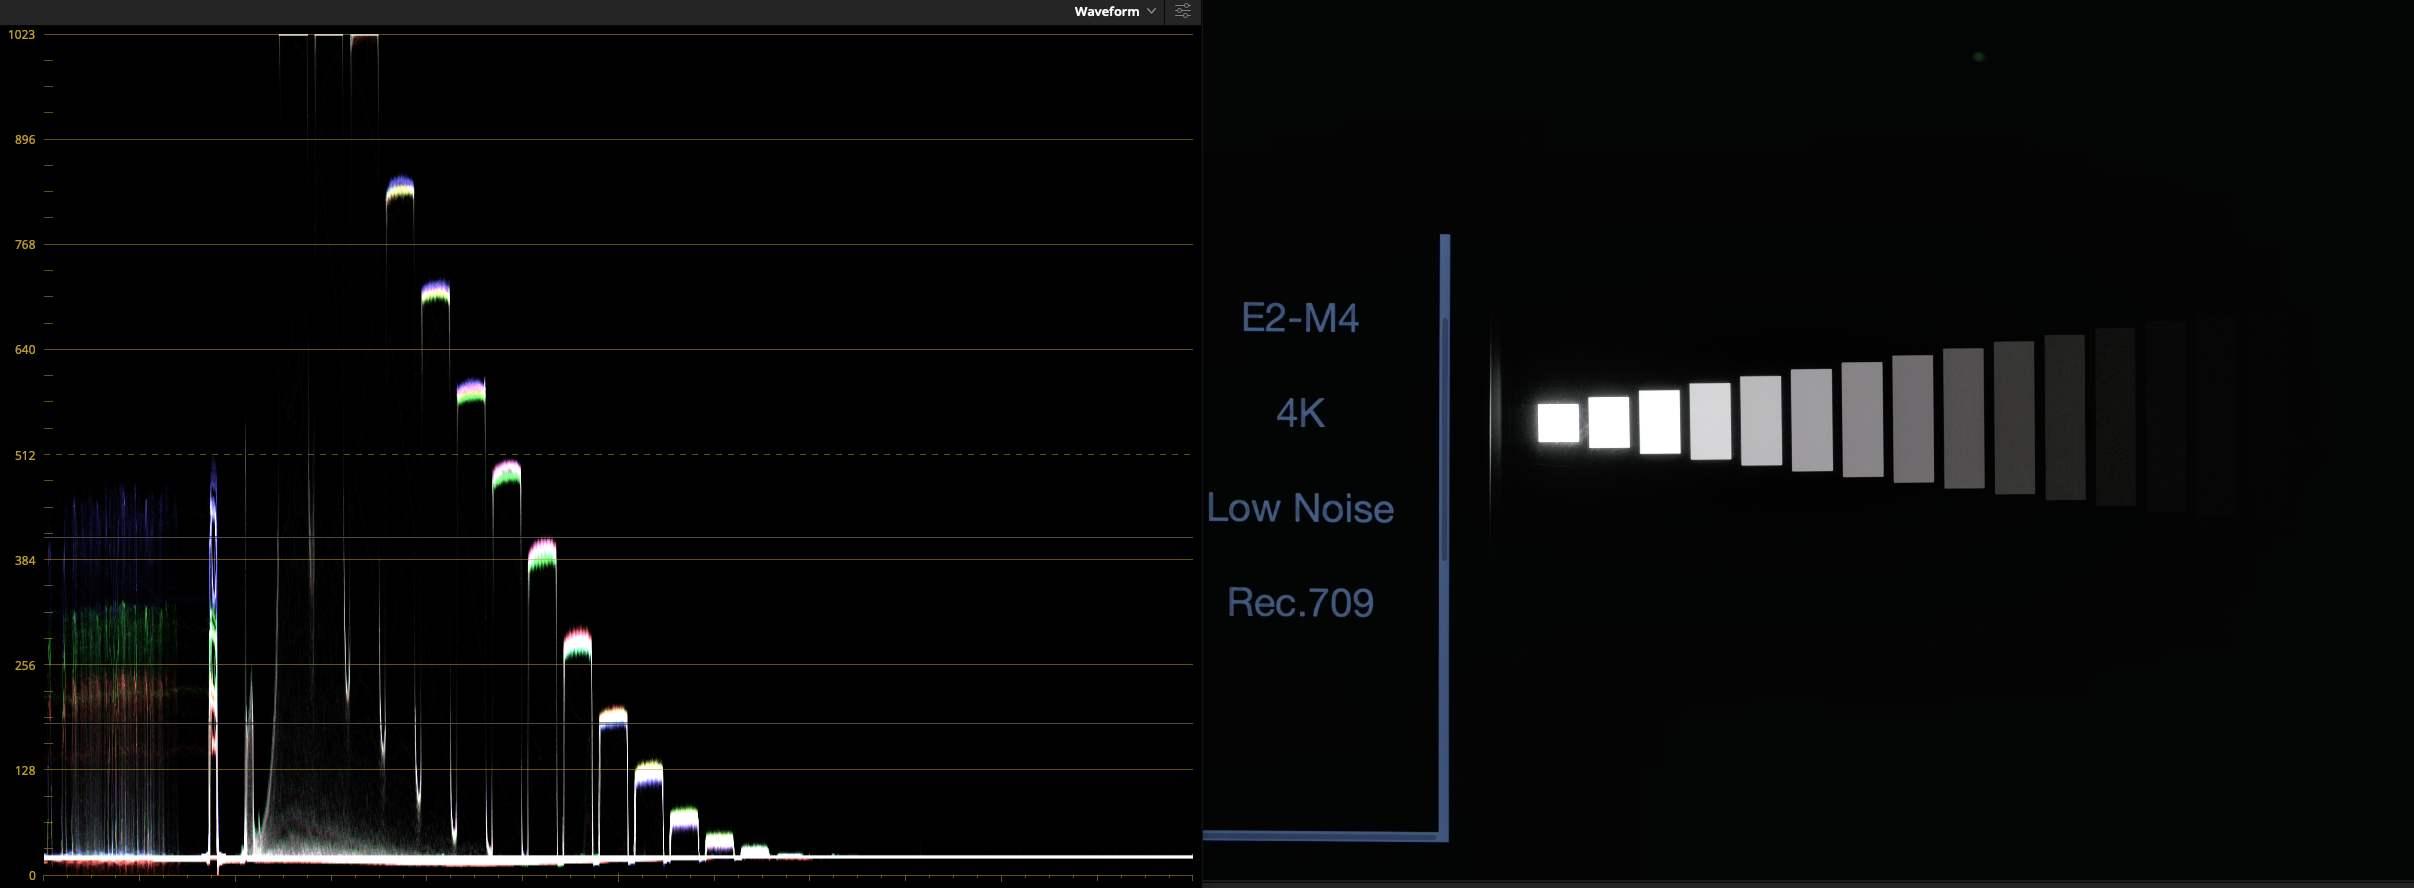 E2-M4, Rec.709, Low Noise